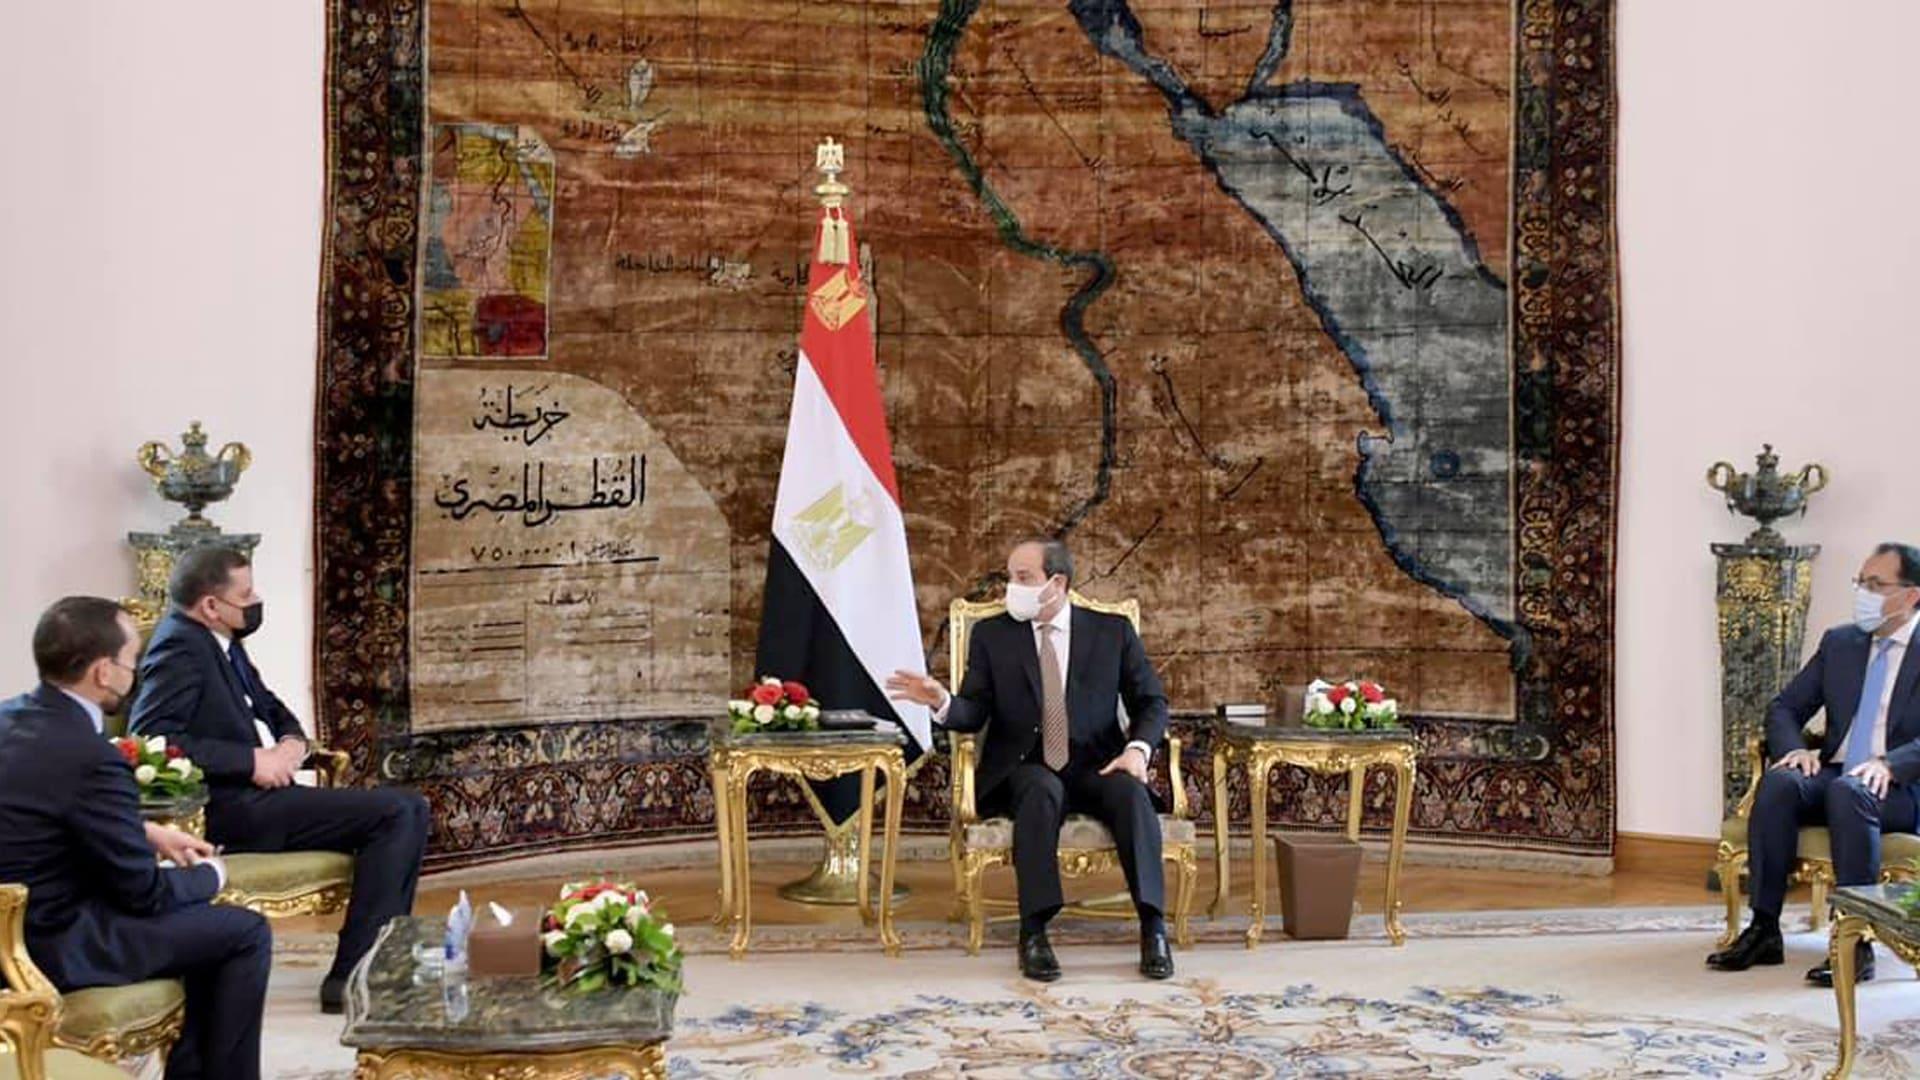 """السيسي يستقبل رئيس حكومة ليبيا الجديدة.. و""""دبيبة"""" يتطلع لـ""""استنساخ التجربة المصرية"""""""